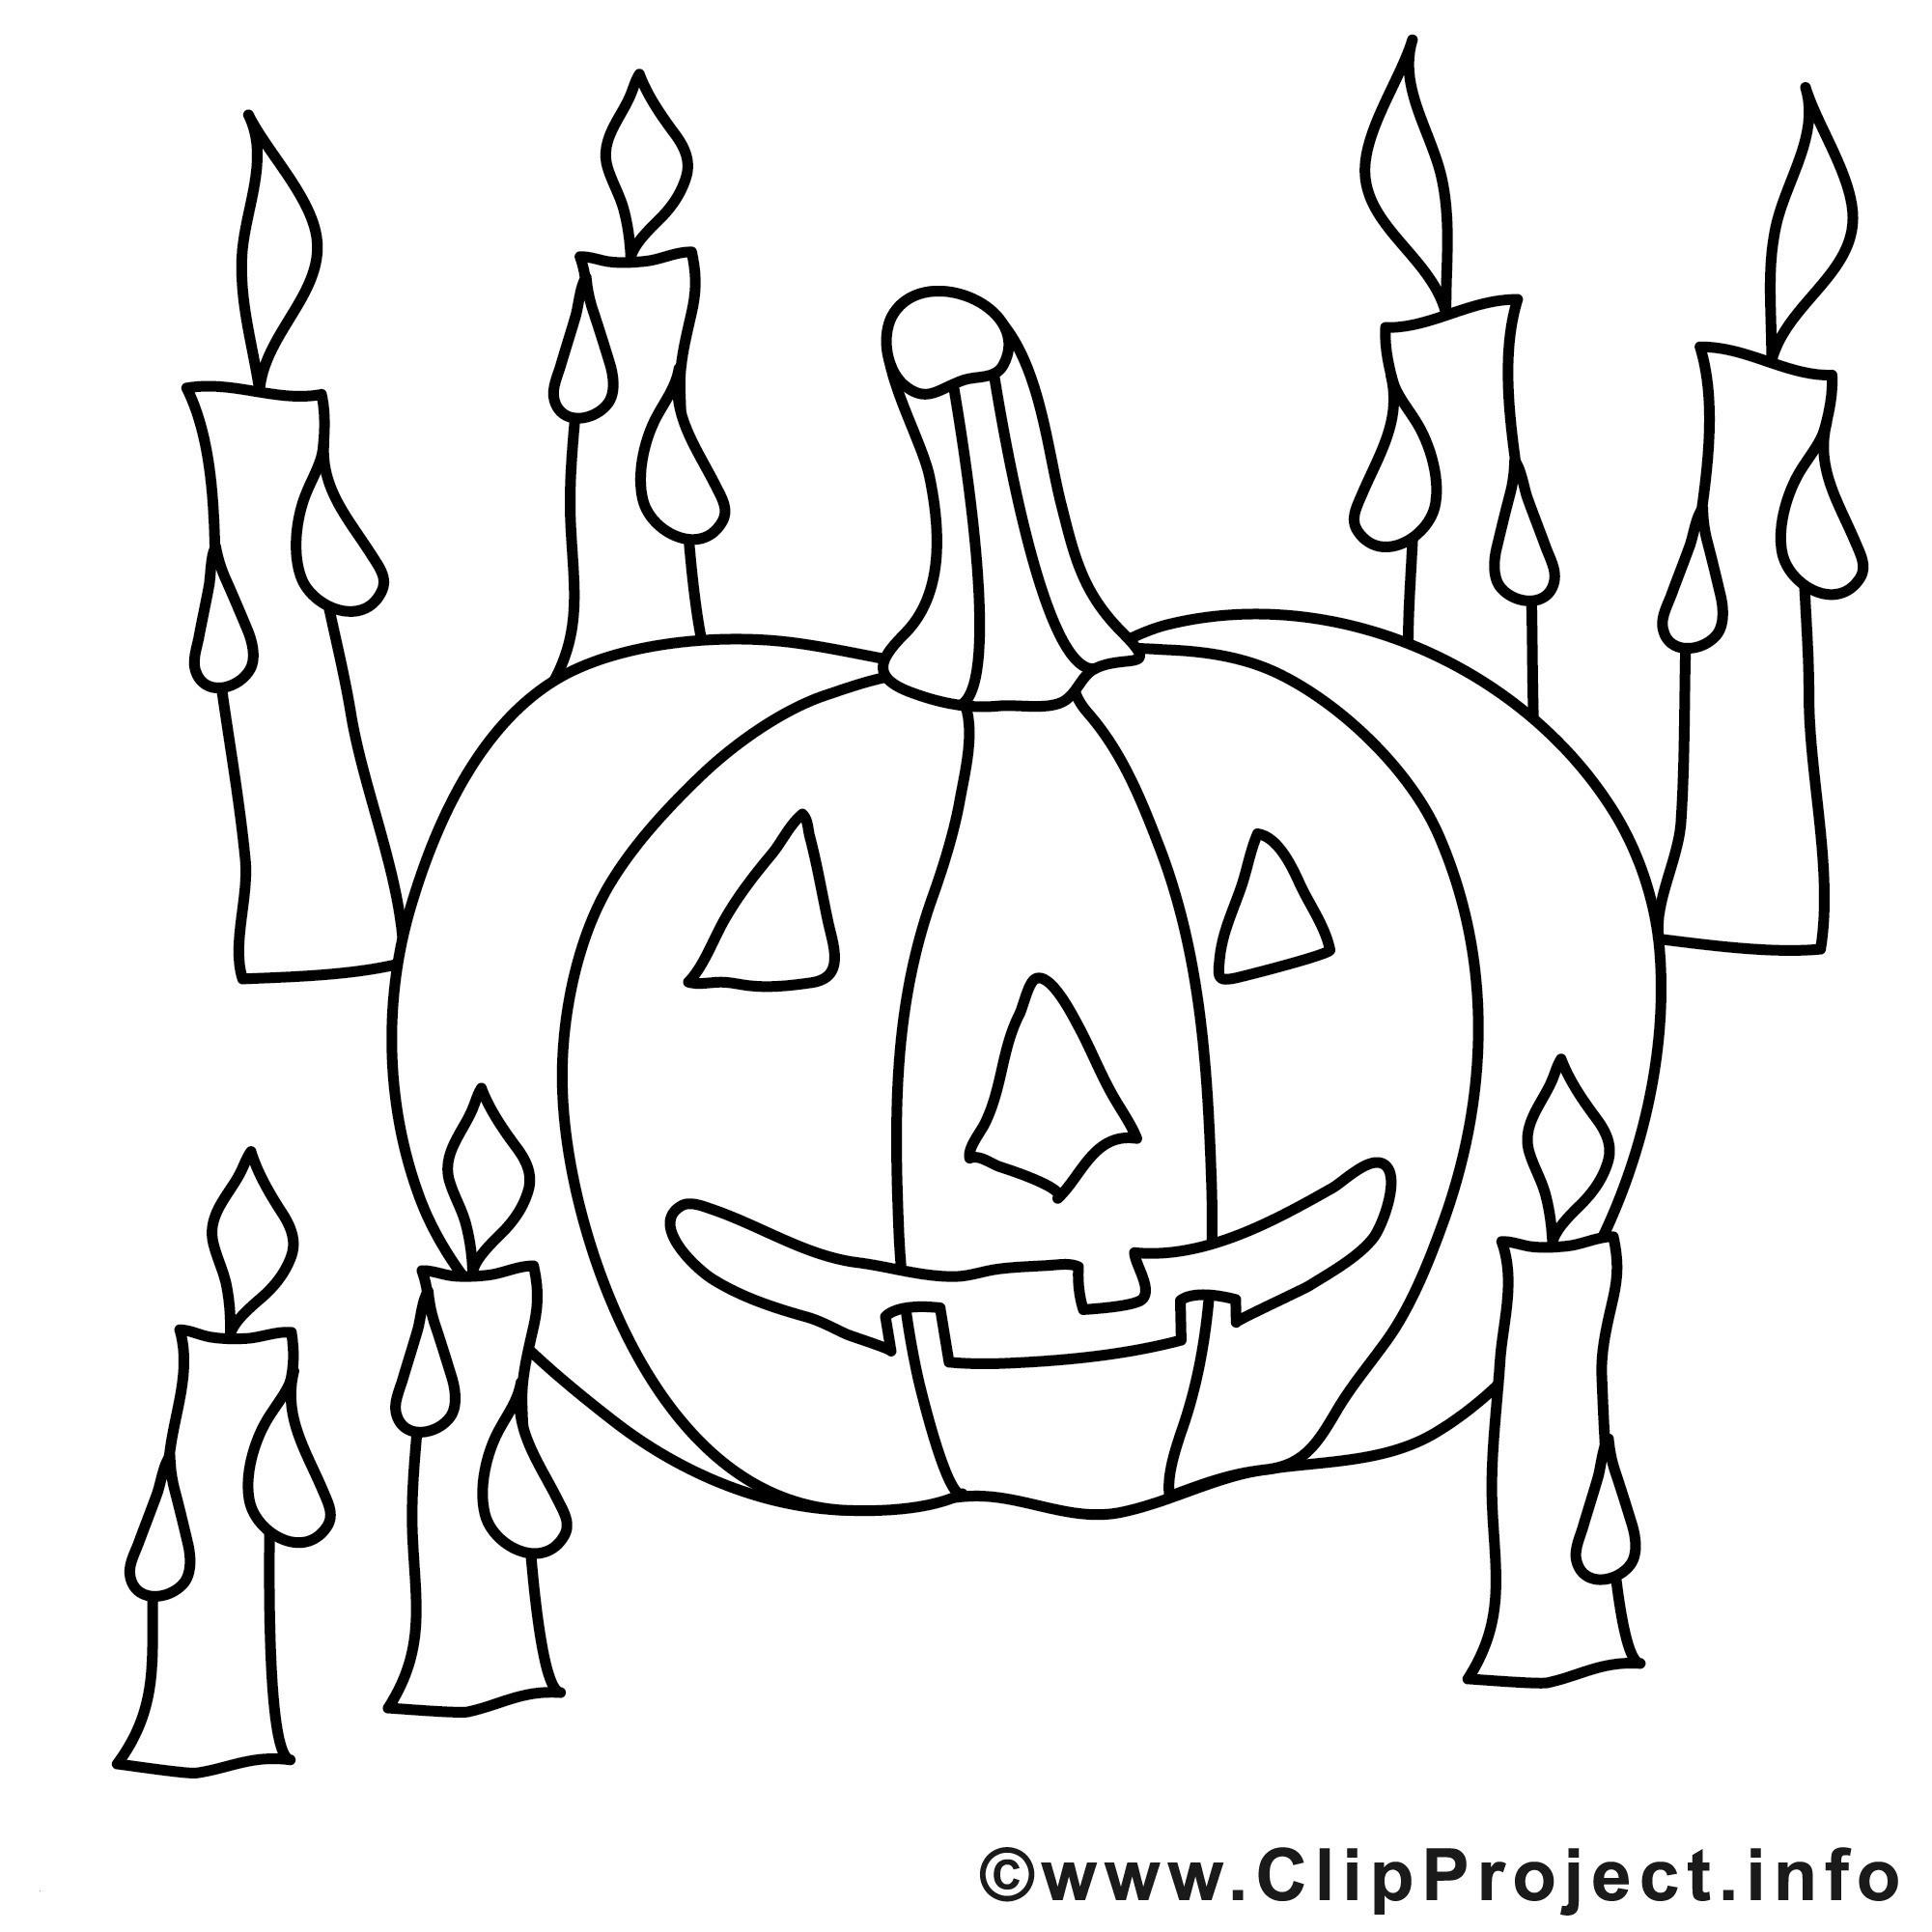 Malvorlagen Halloween Geist Inspirierend Malvorlagen Halloween Geist Luxus Halloween Malvorlage Kostenlos Mit Galerie